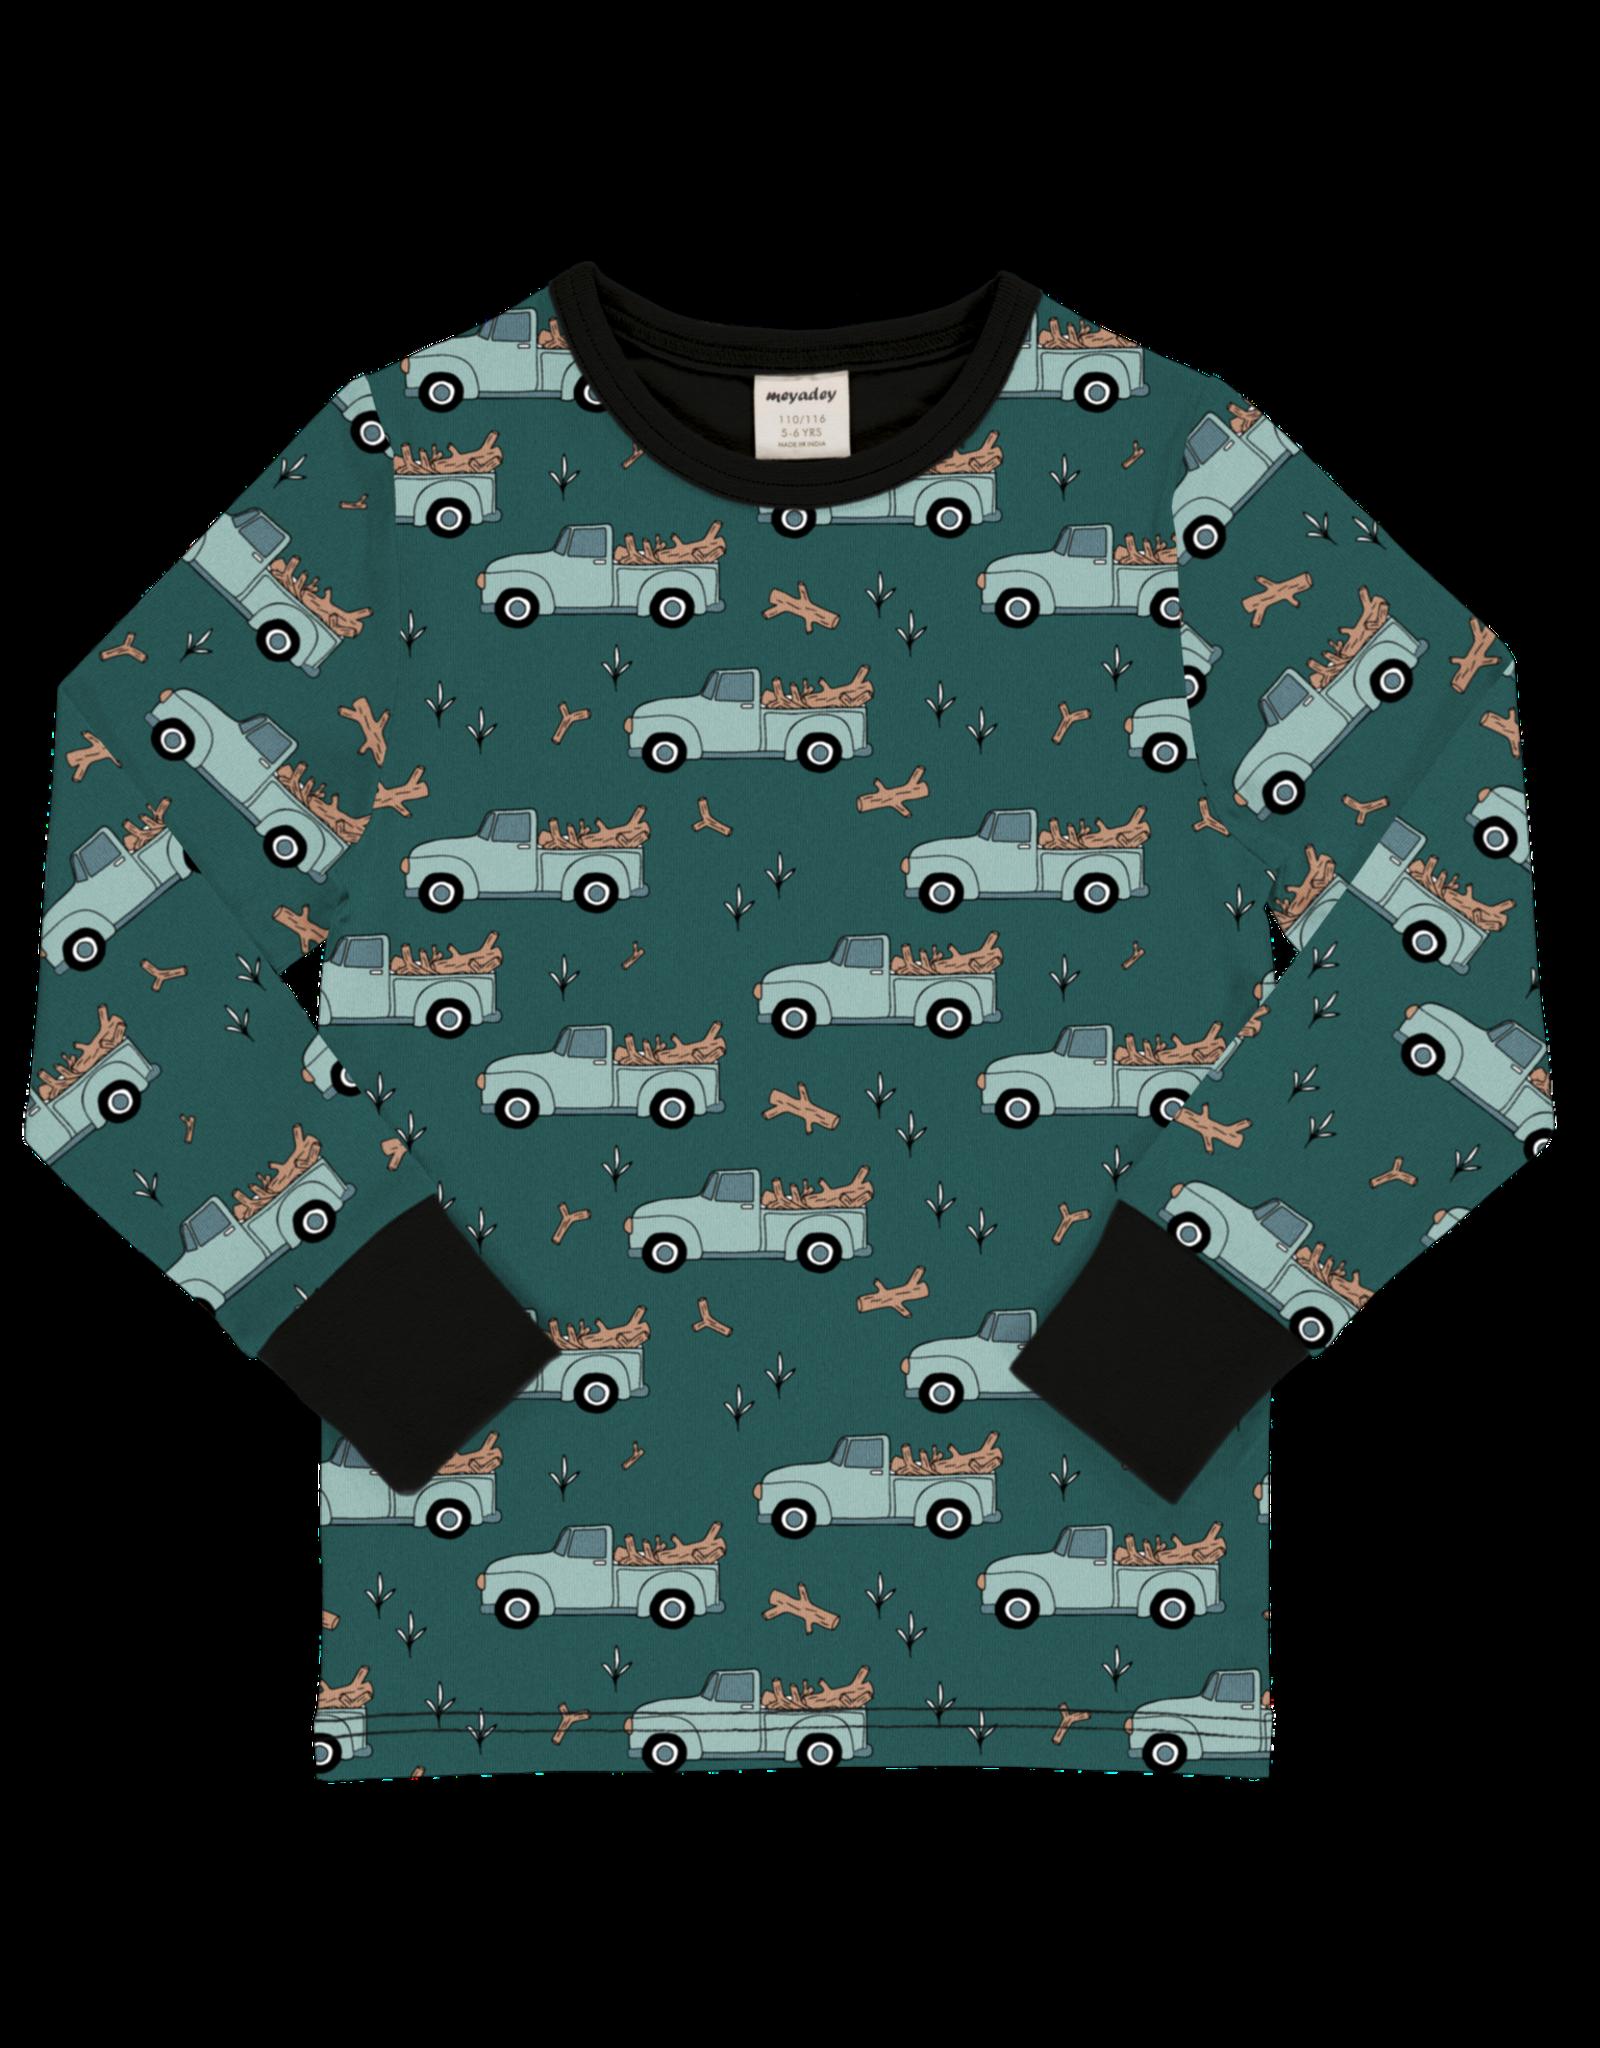 Meyadey T-shirt met pickup truck en boomstammen